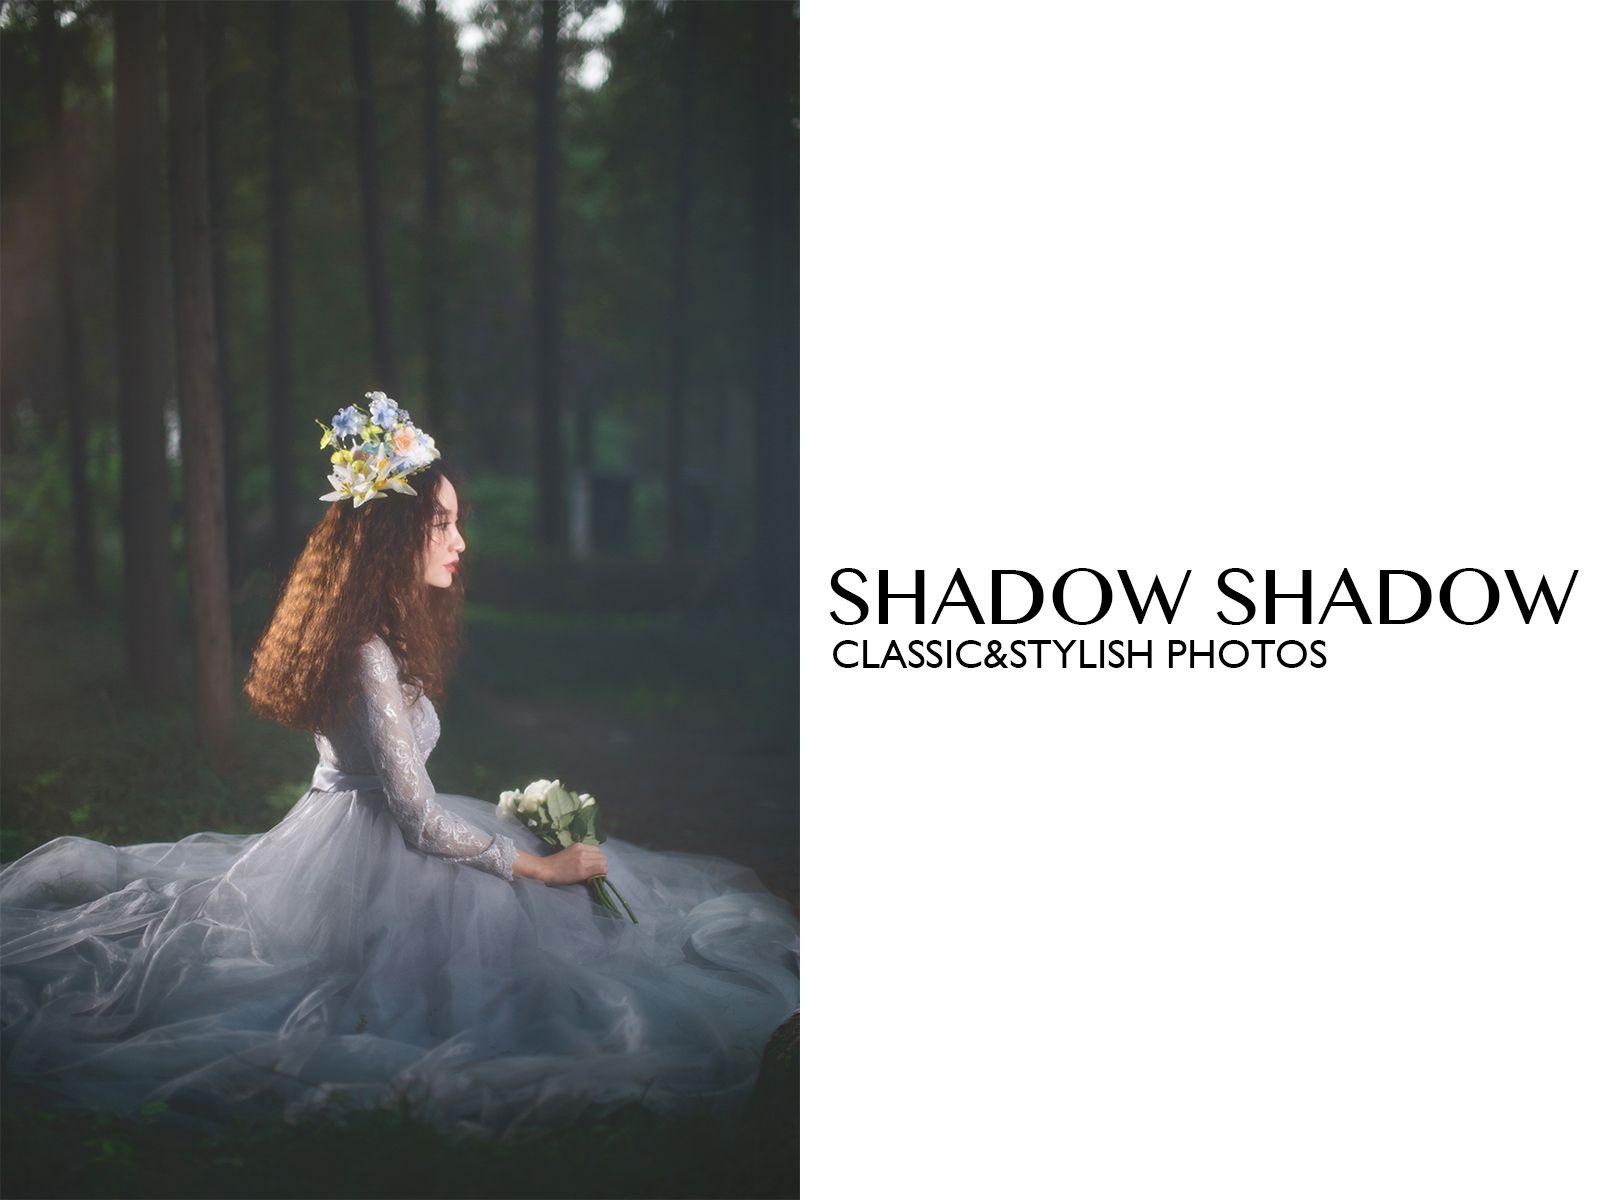 捕烽劫影婚纱摄影 SHADOWSHADOW Studio